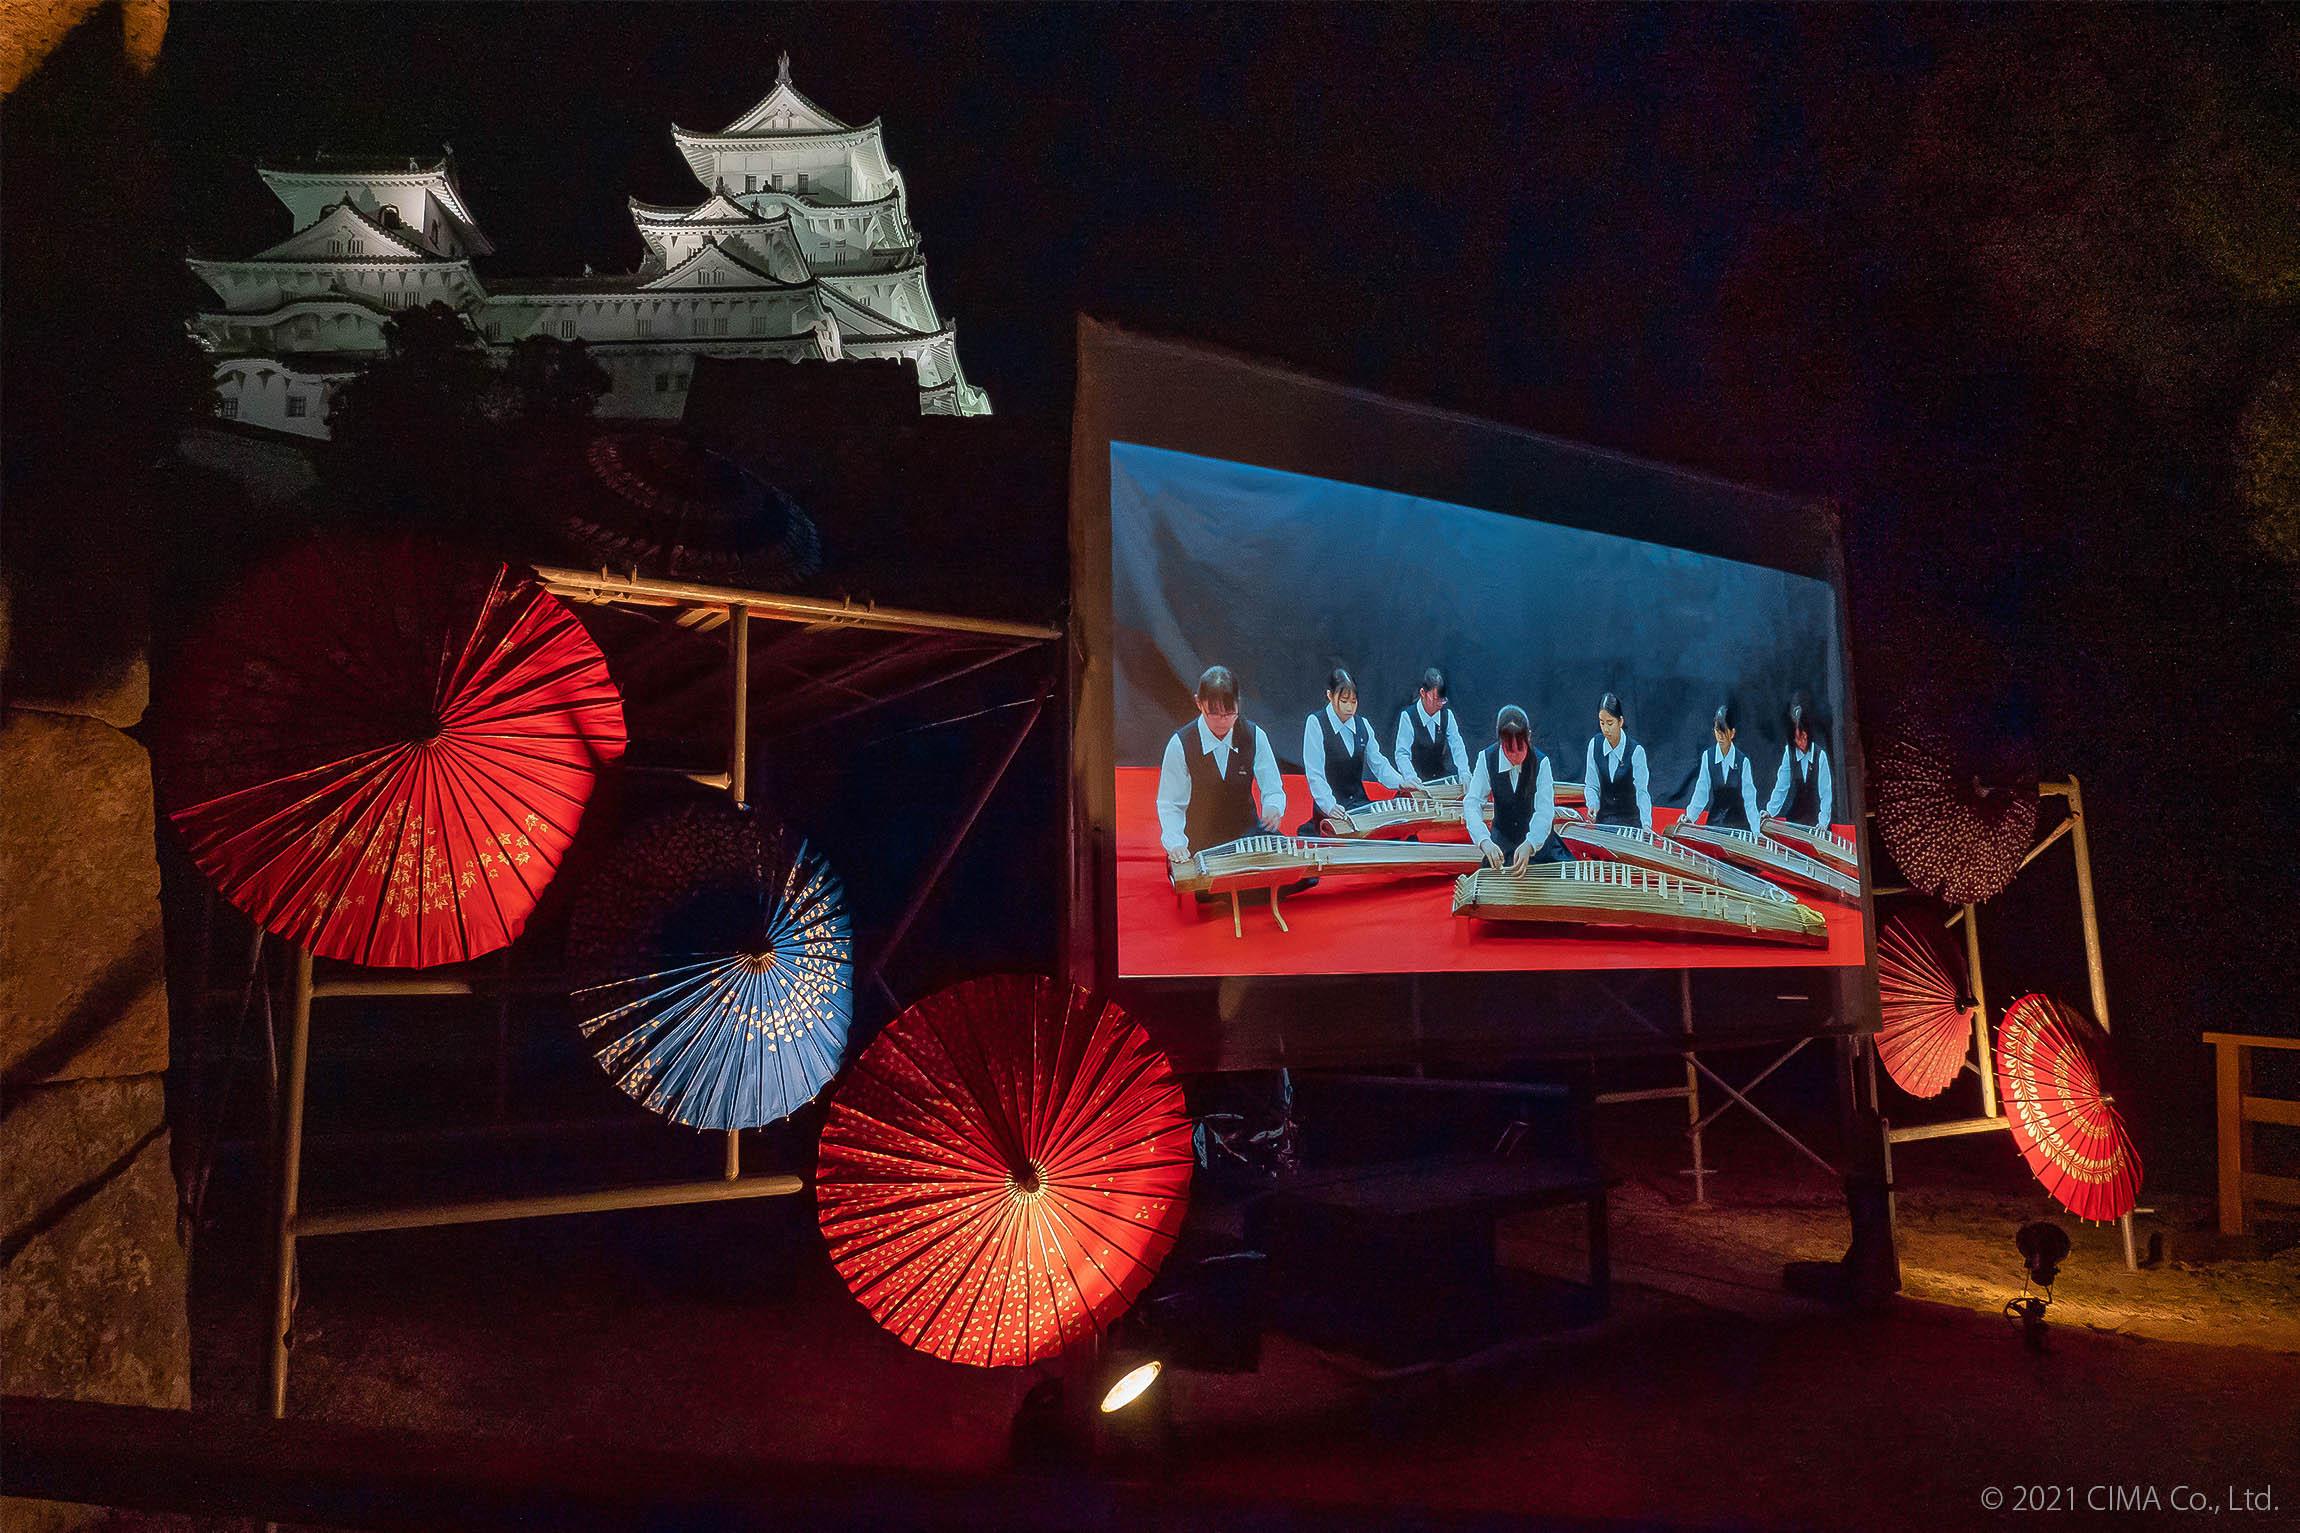 姫路城,二の丸,PT-RZ970JLB,演出照明